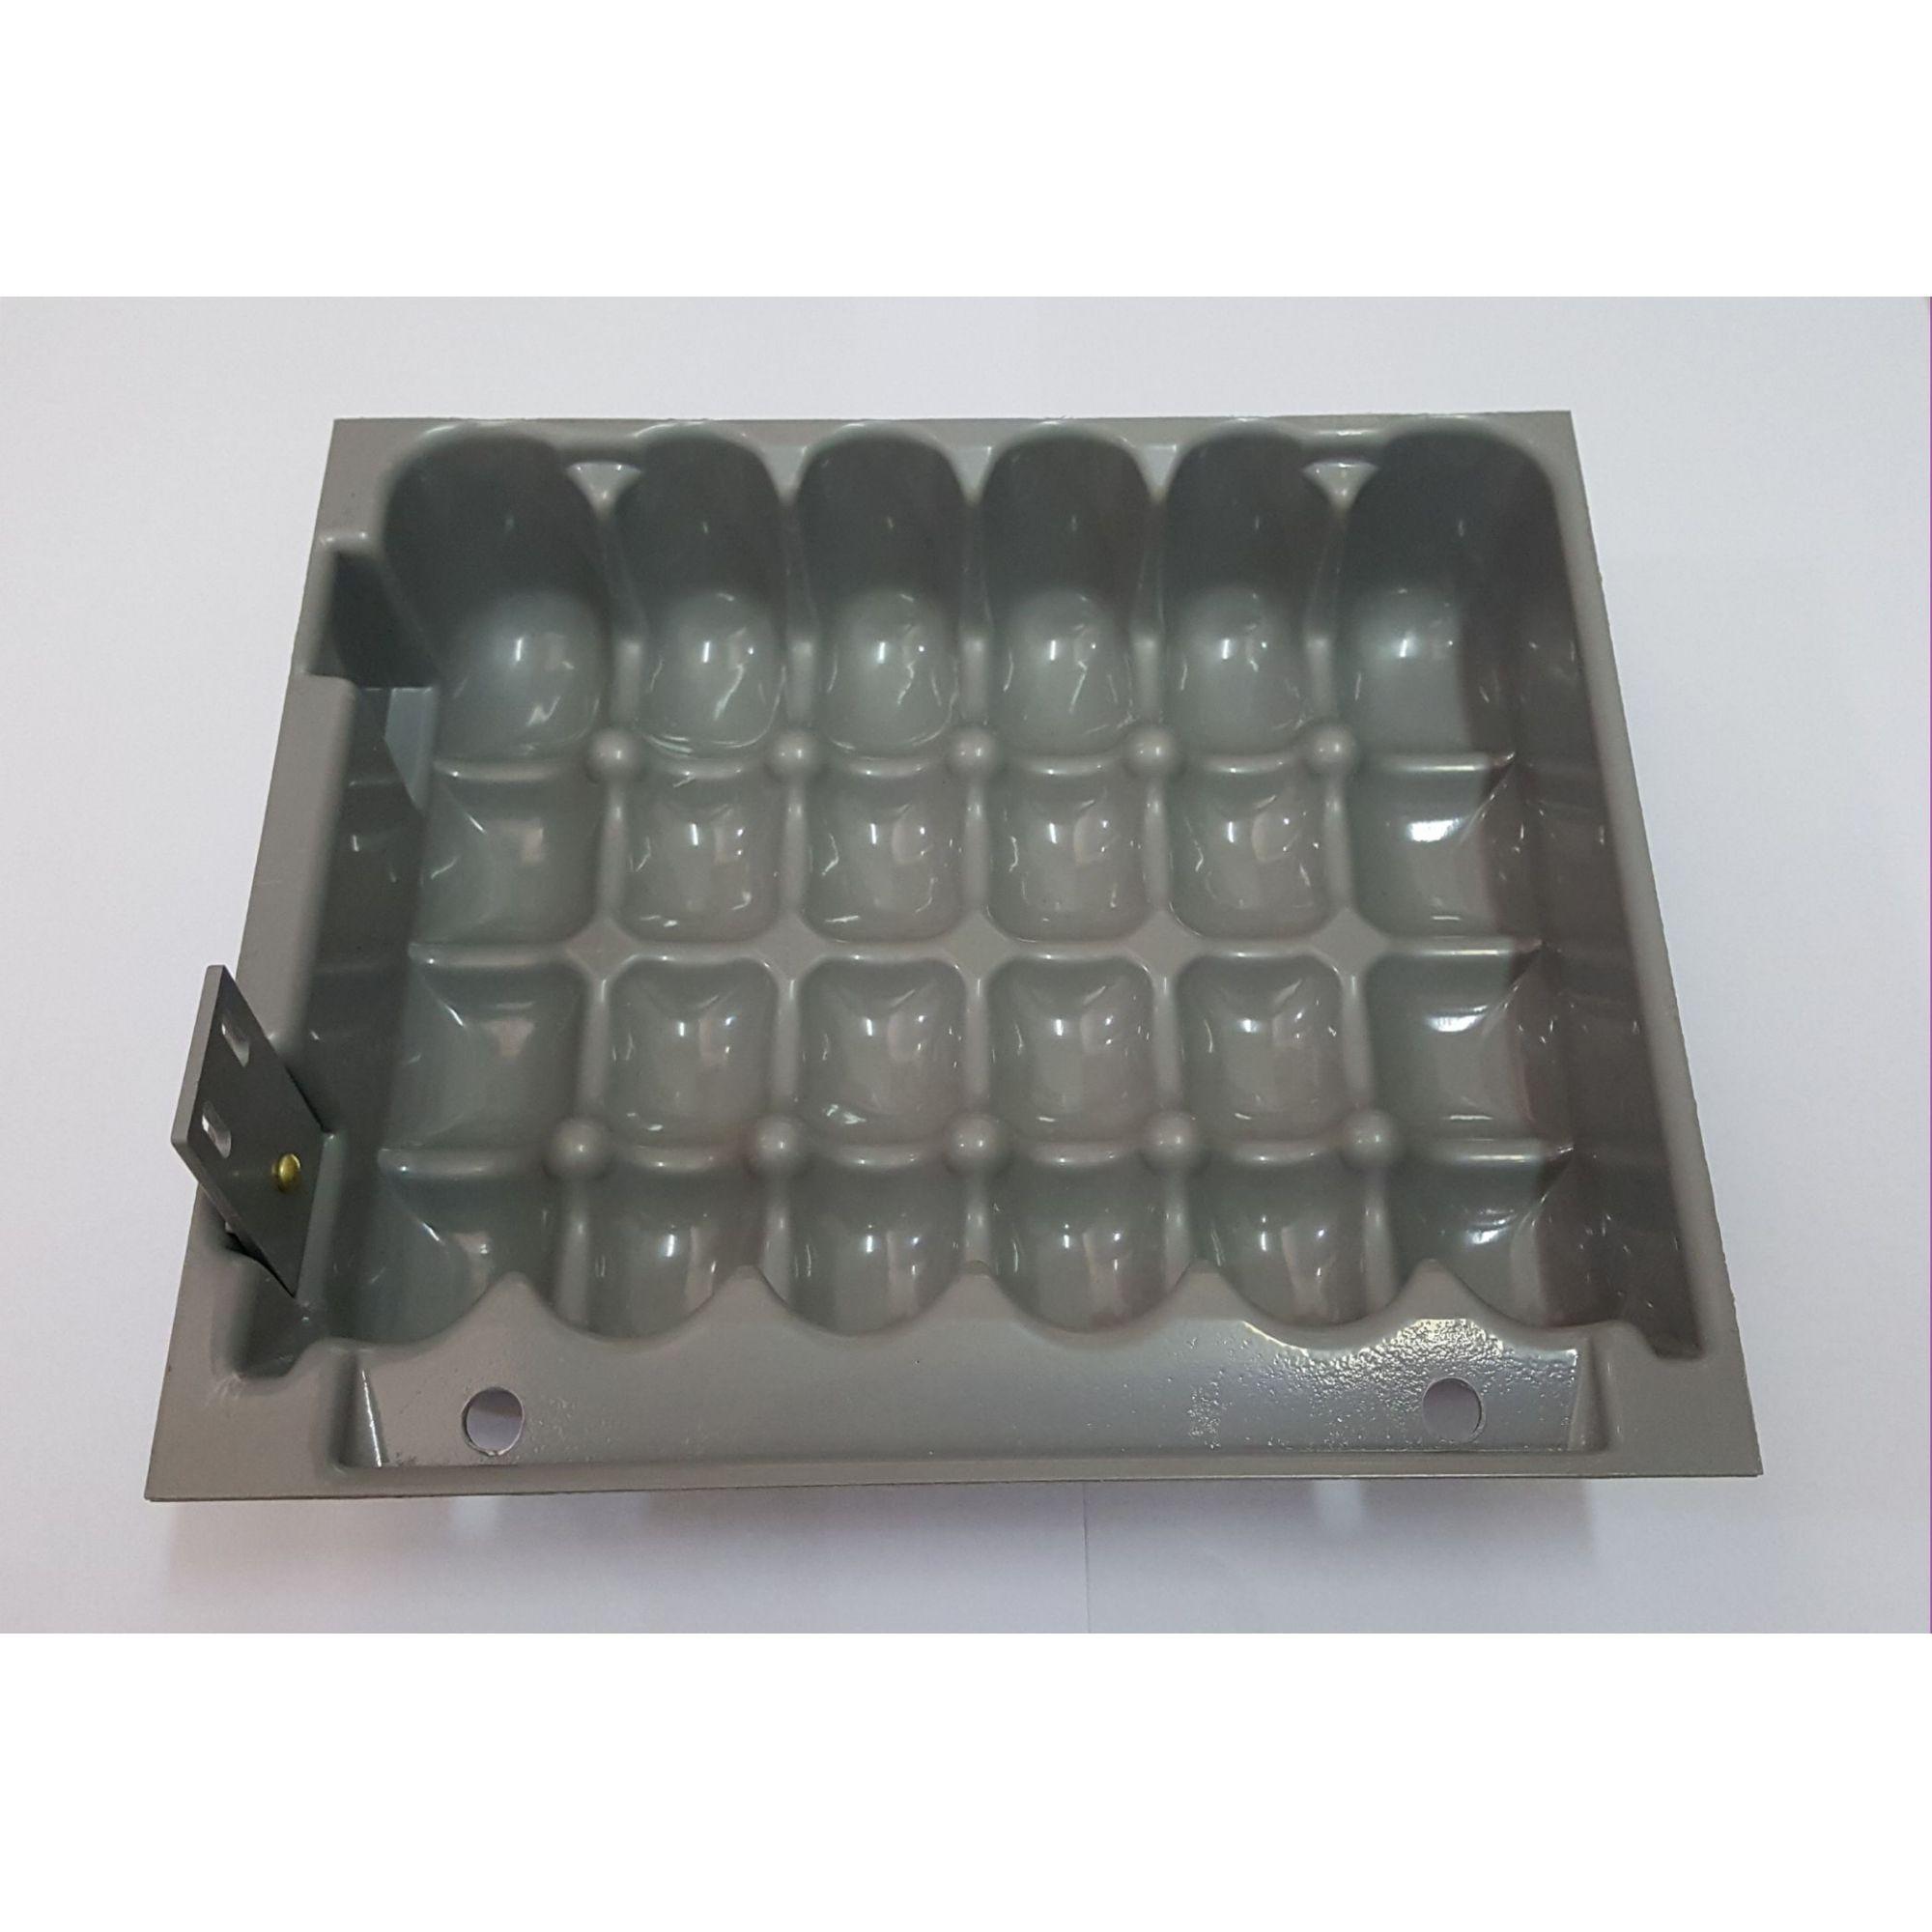 Cuba Plastica para Maquina de Gelo EGC-50A - SOFT EVEREST